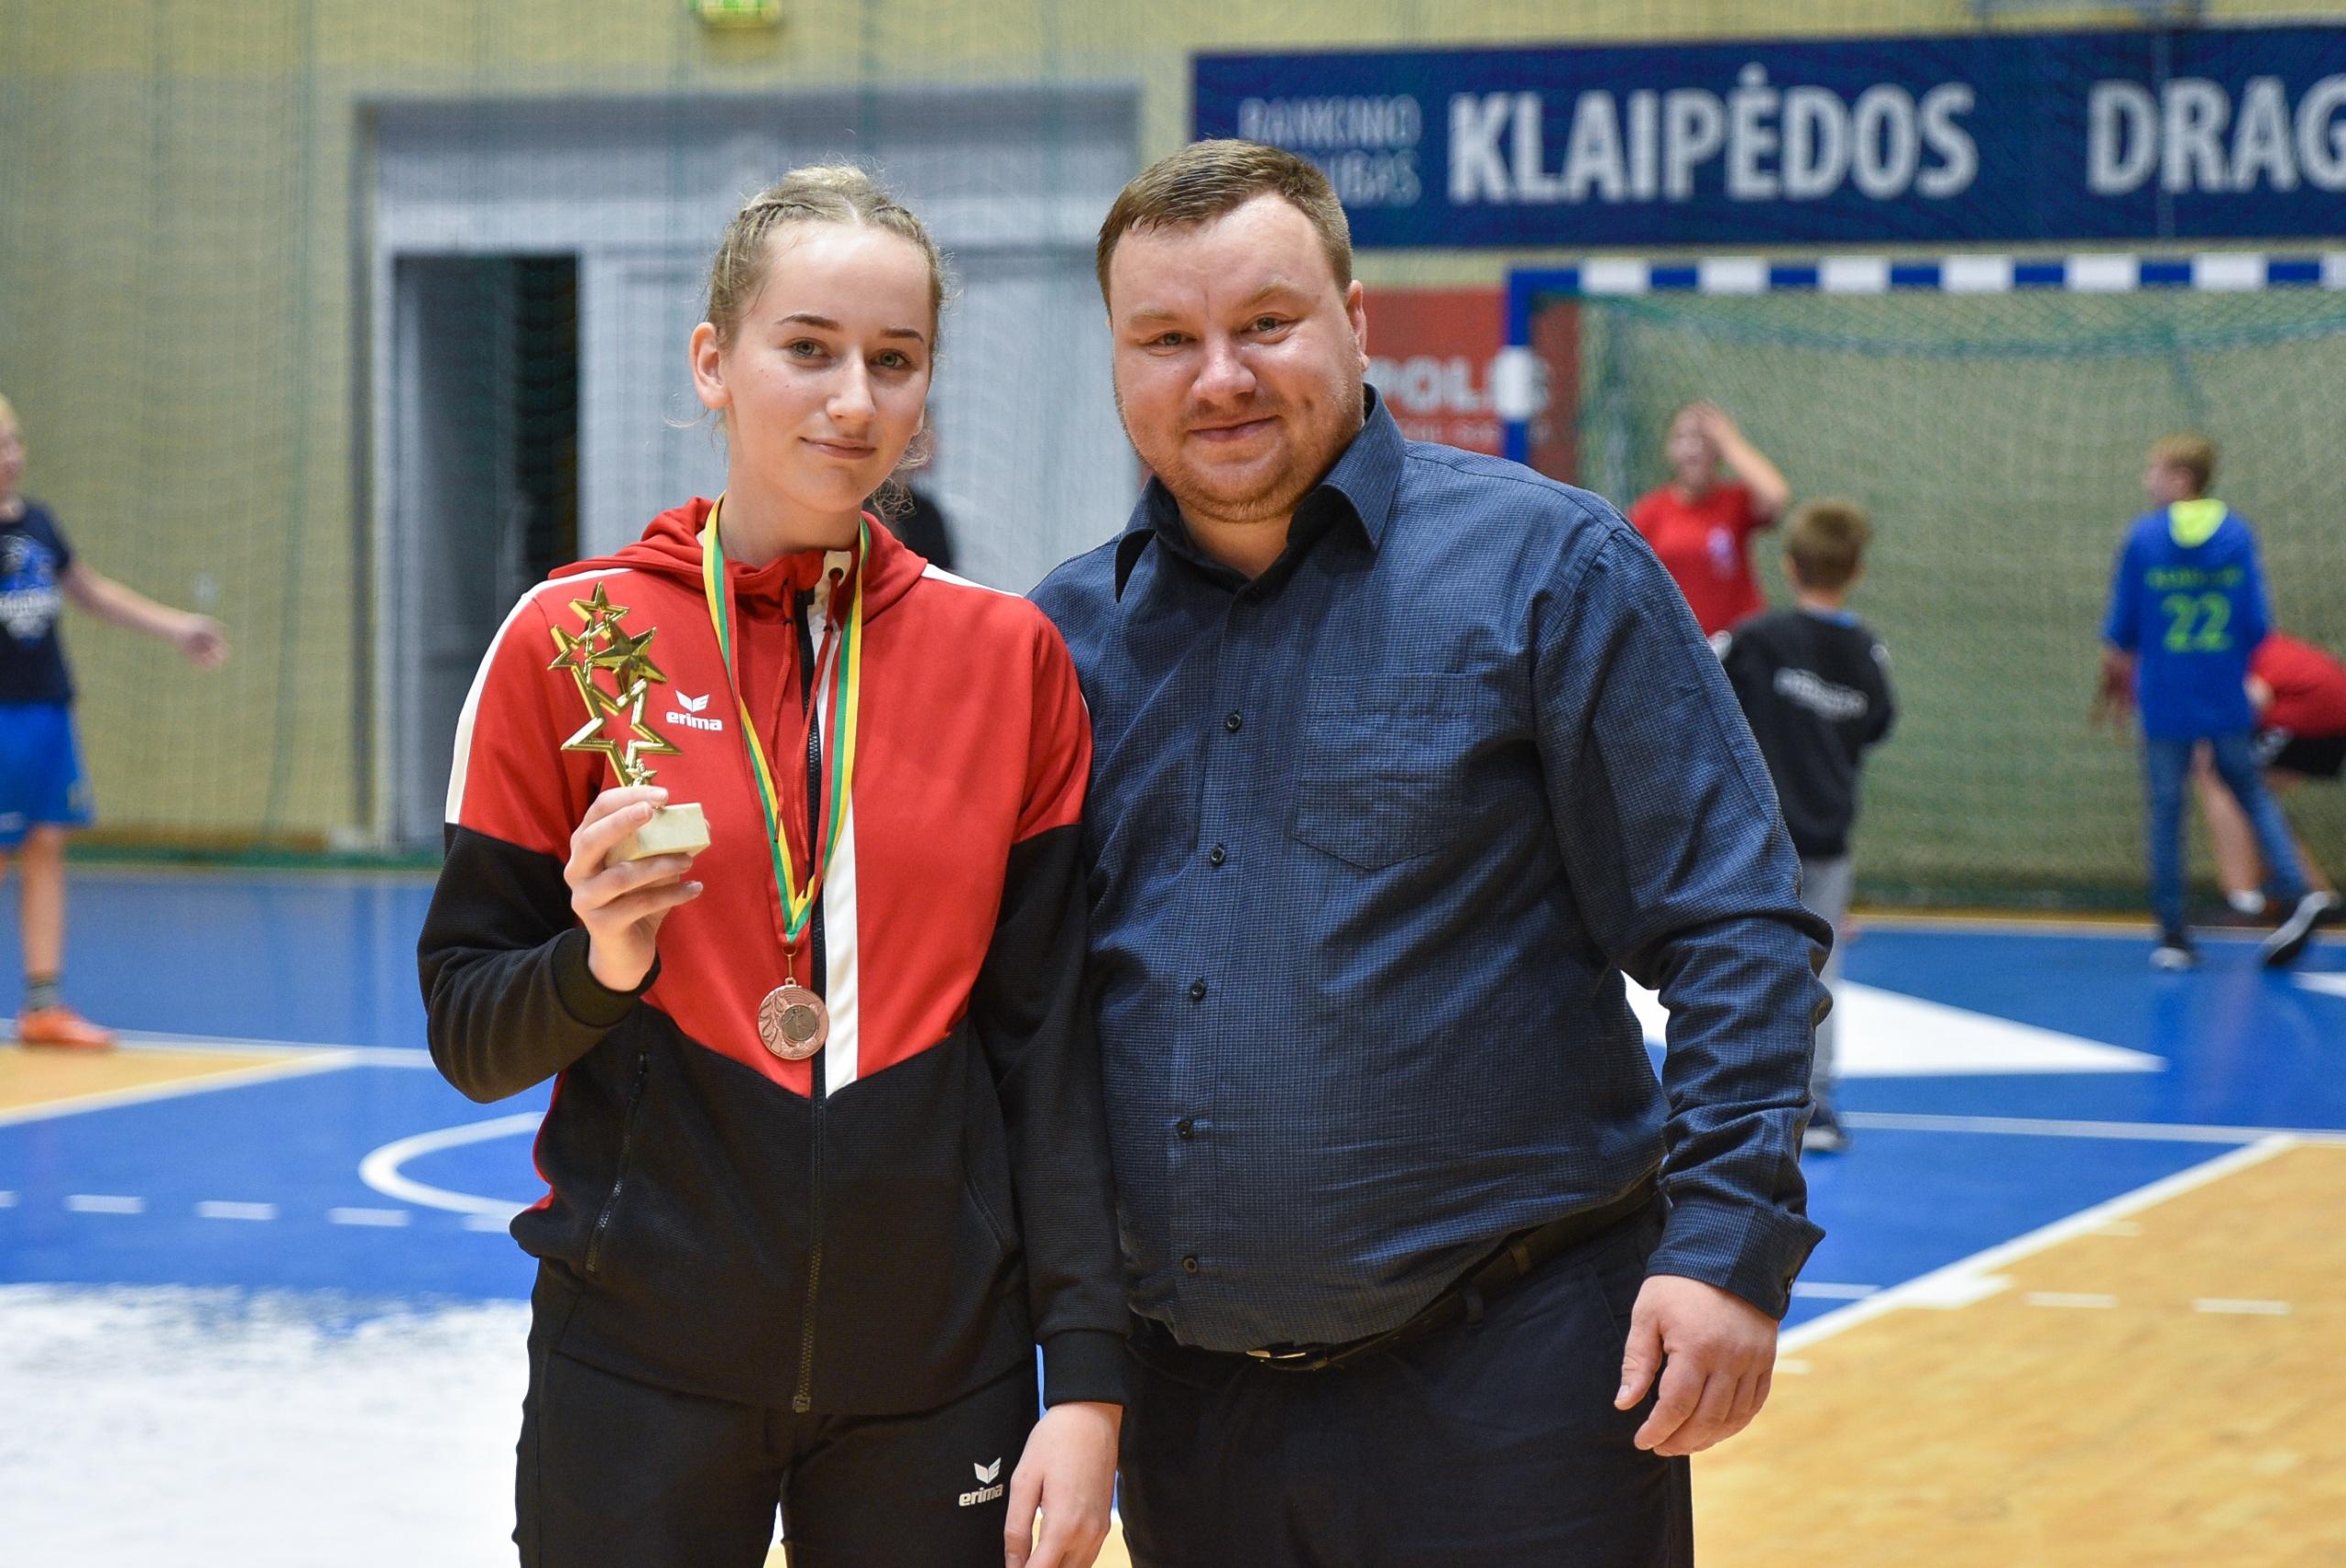 Jaunosios Alytaus rankininkės šalies čempionate iškovojo bronzos medalius 2